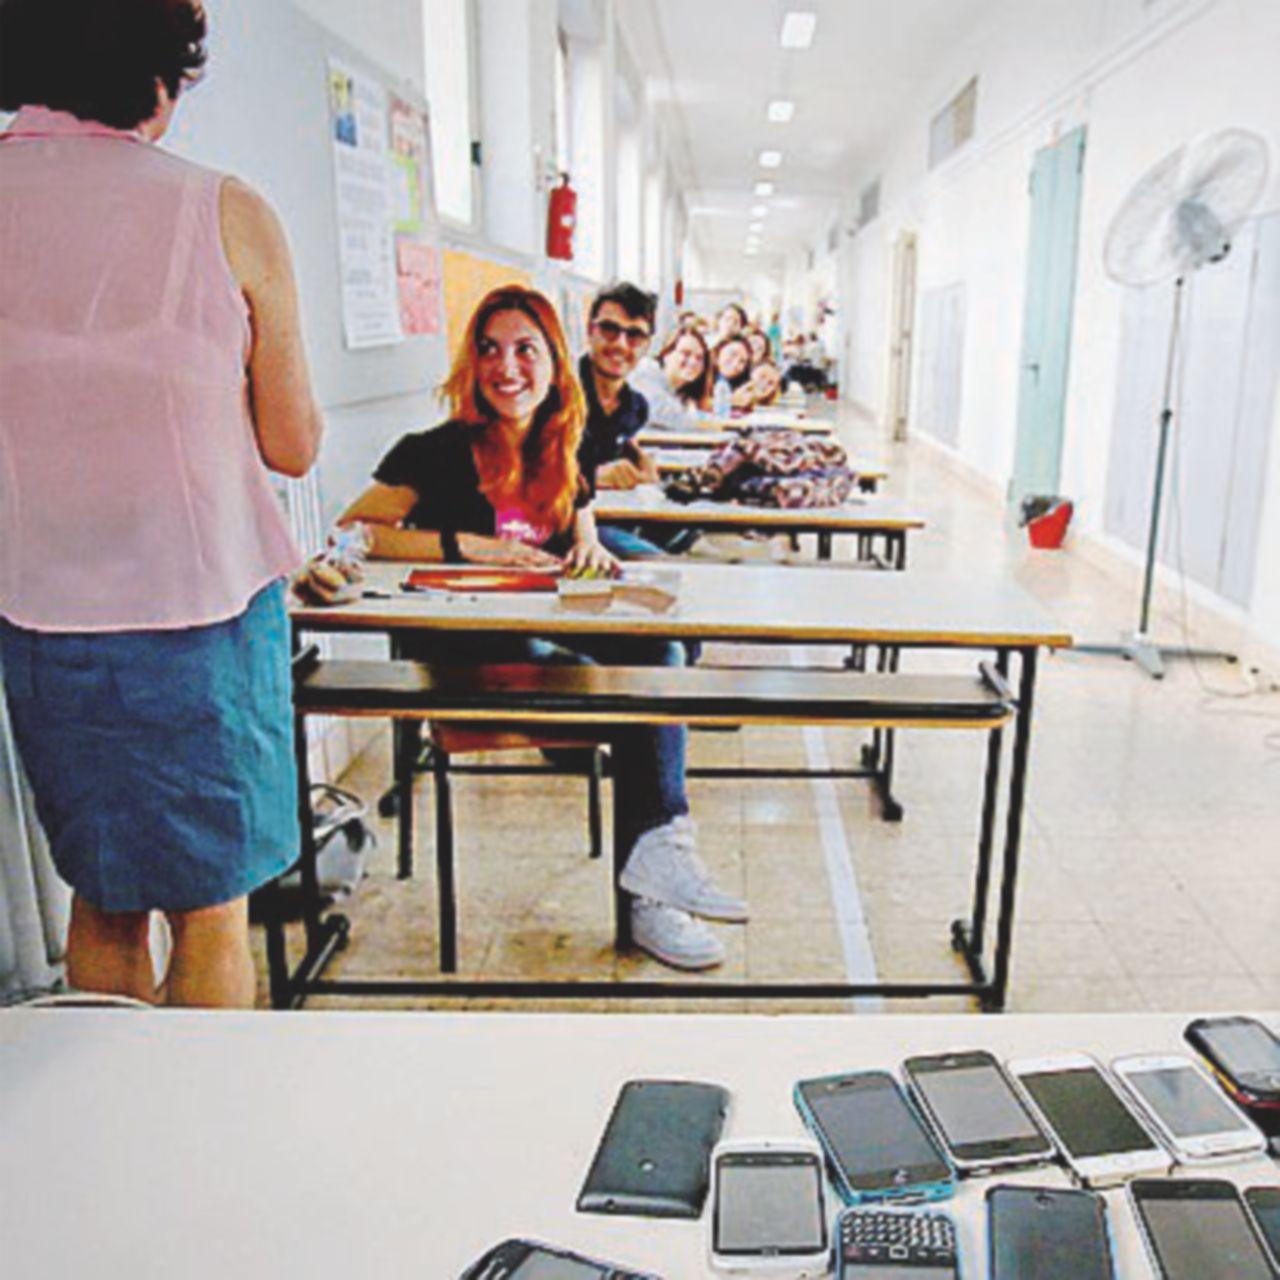 A scuola lo smartphone non  basta